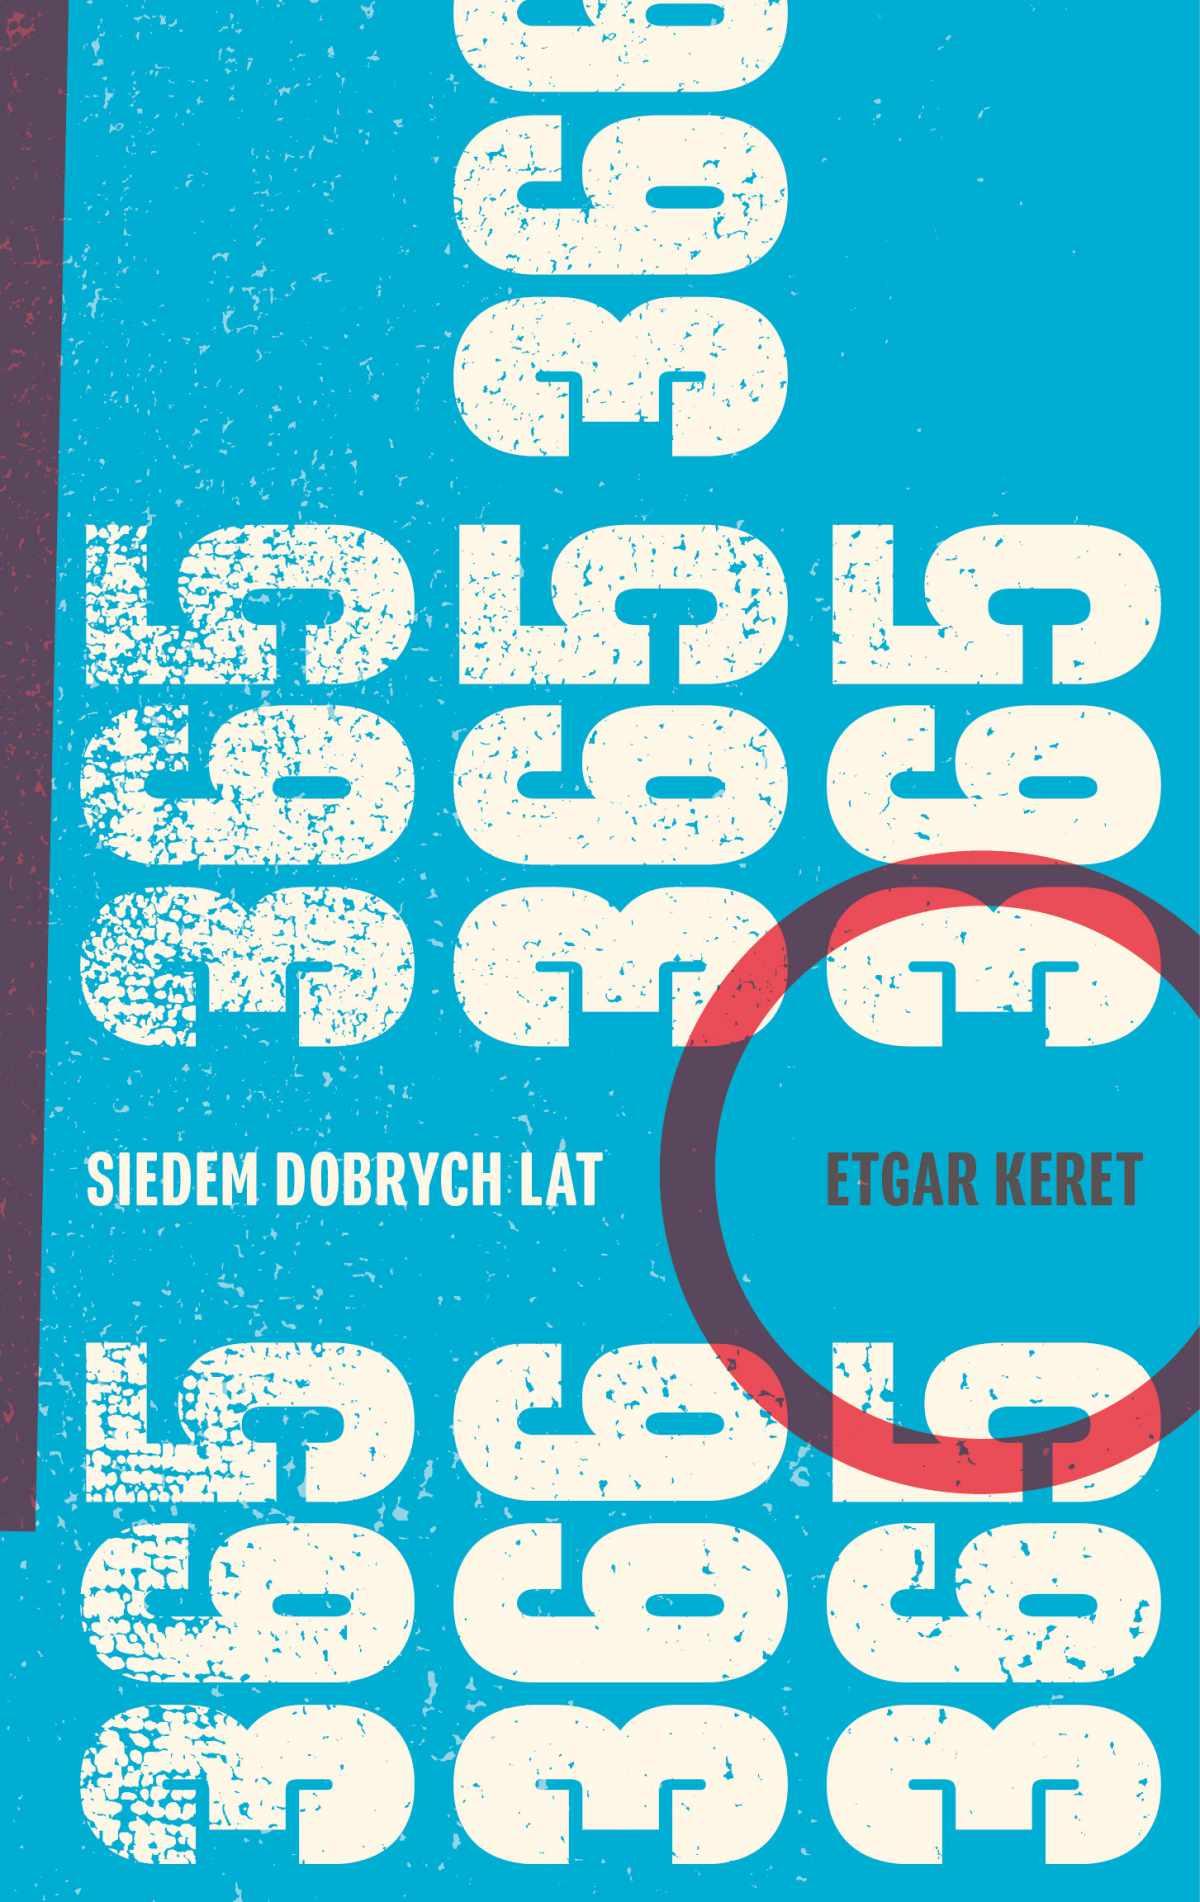 Siedem dobrych lat - Ebook (Książka na Kindle) do pobrania w formacie MOBI